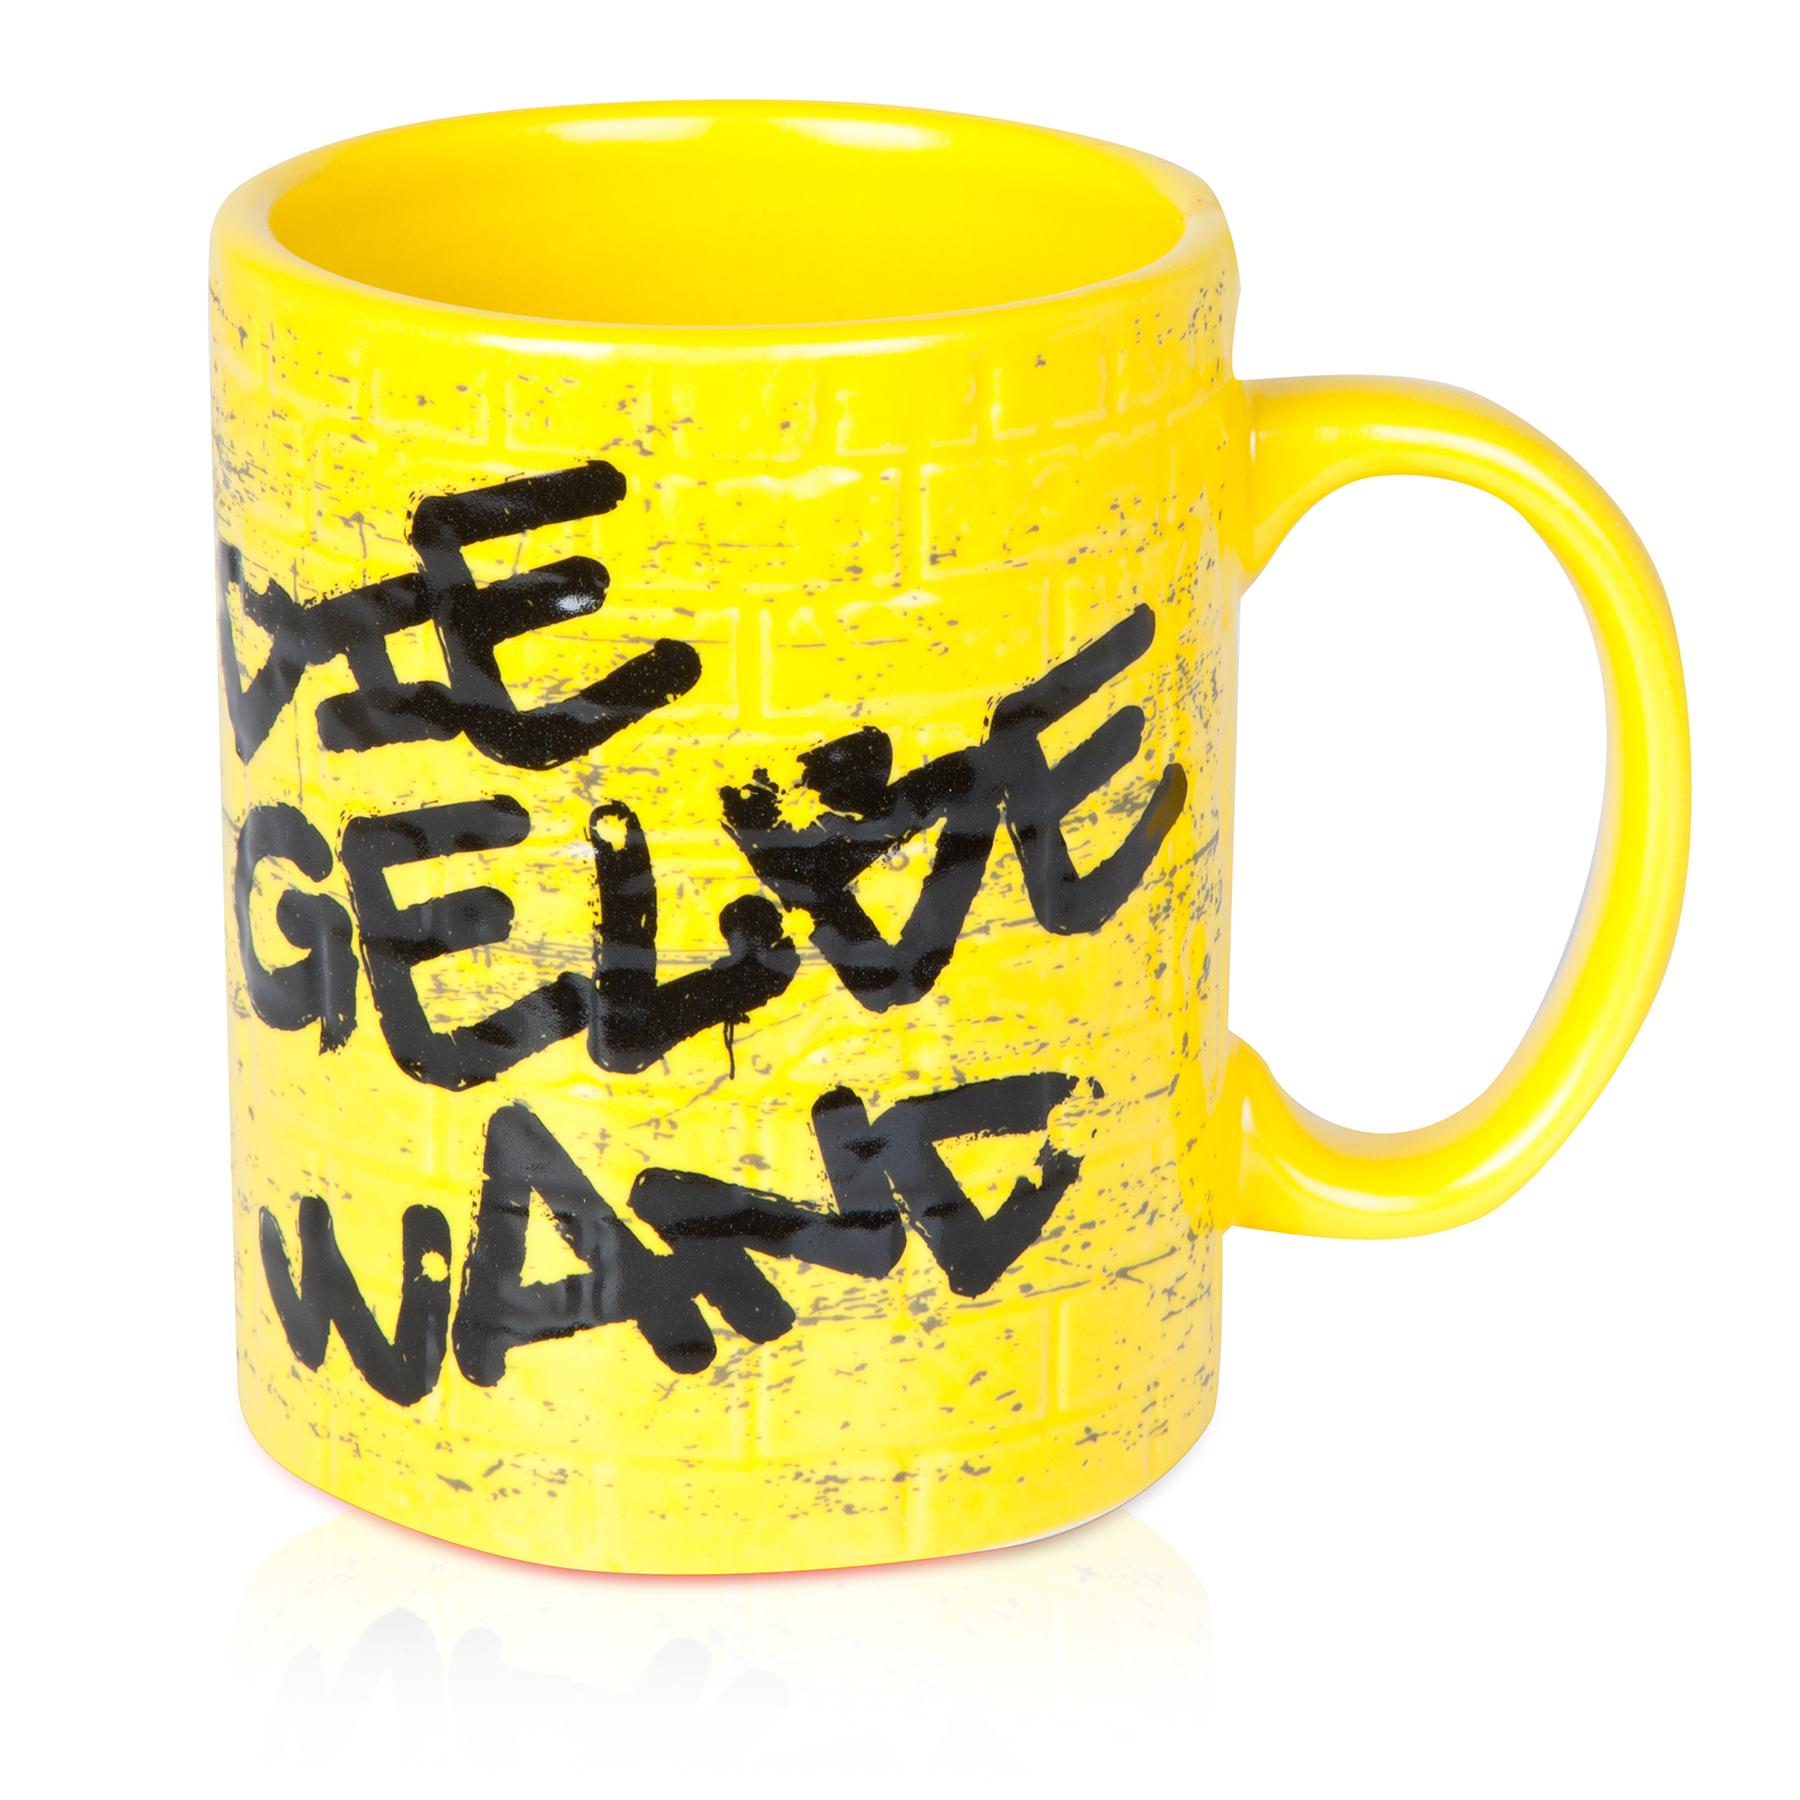 Image of BVB Brick Wall Mug Yellow